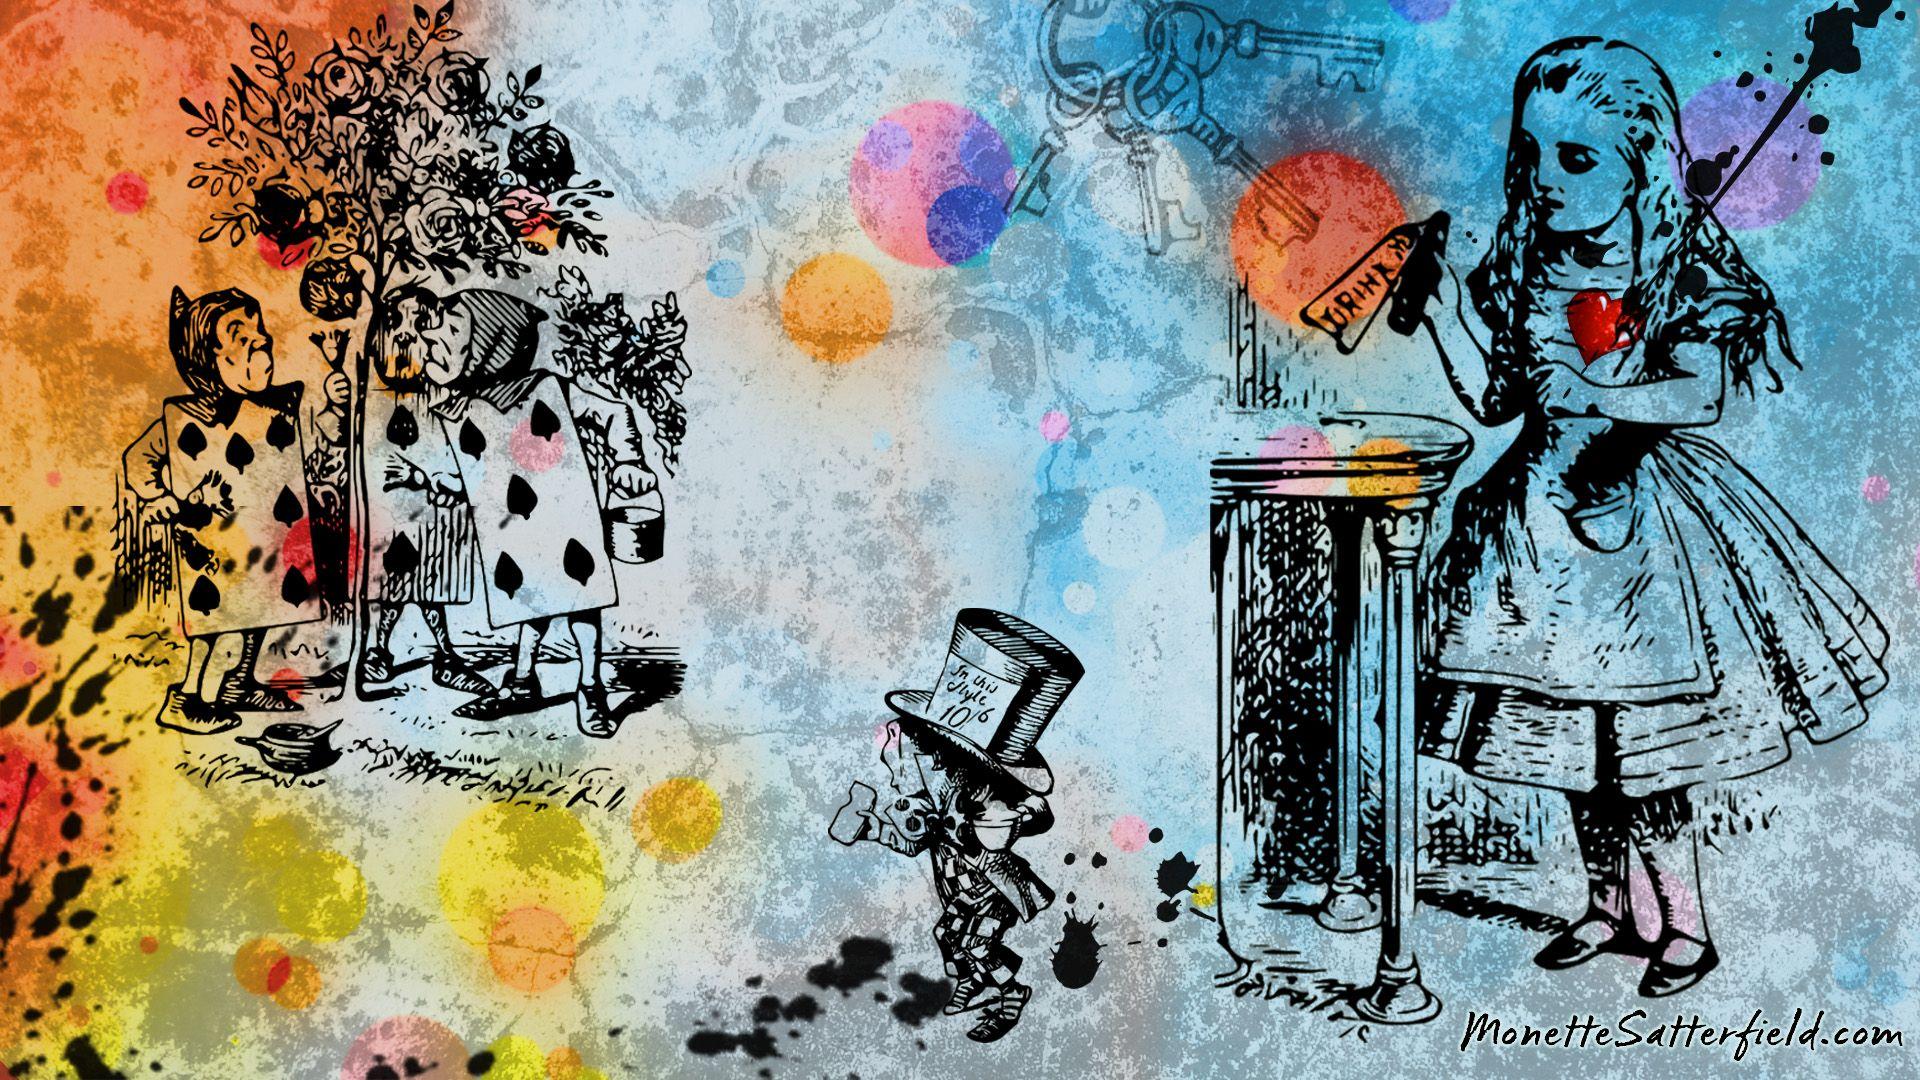 不思議の国のデスクトップアリス イム壁紙 19x1080 Wallpapertip